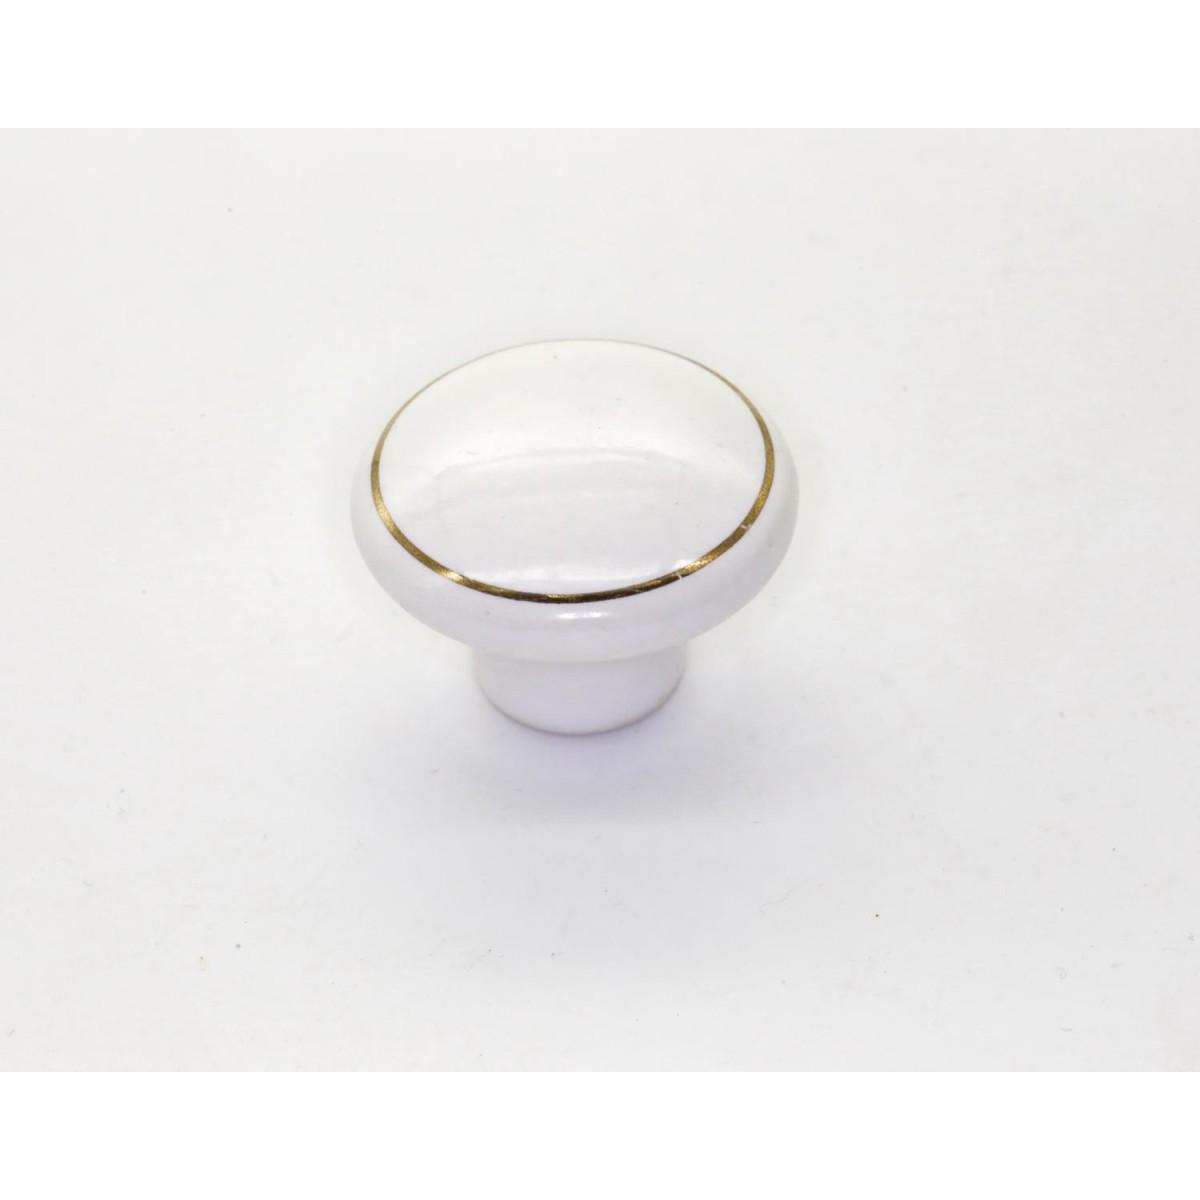 Ручка-кнопка Brante RK.1427.WT.F20 золотое кольцо